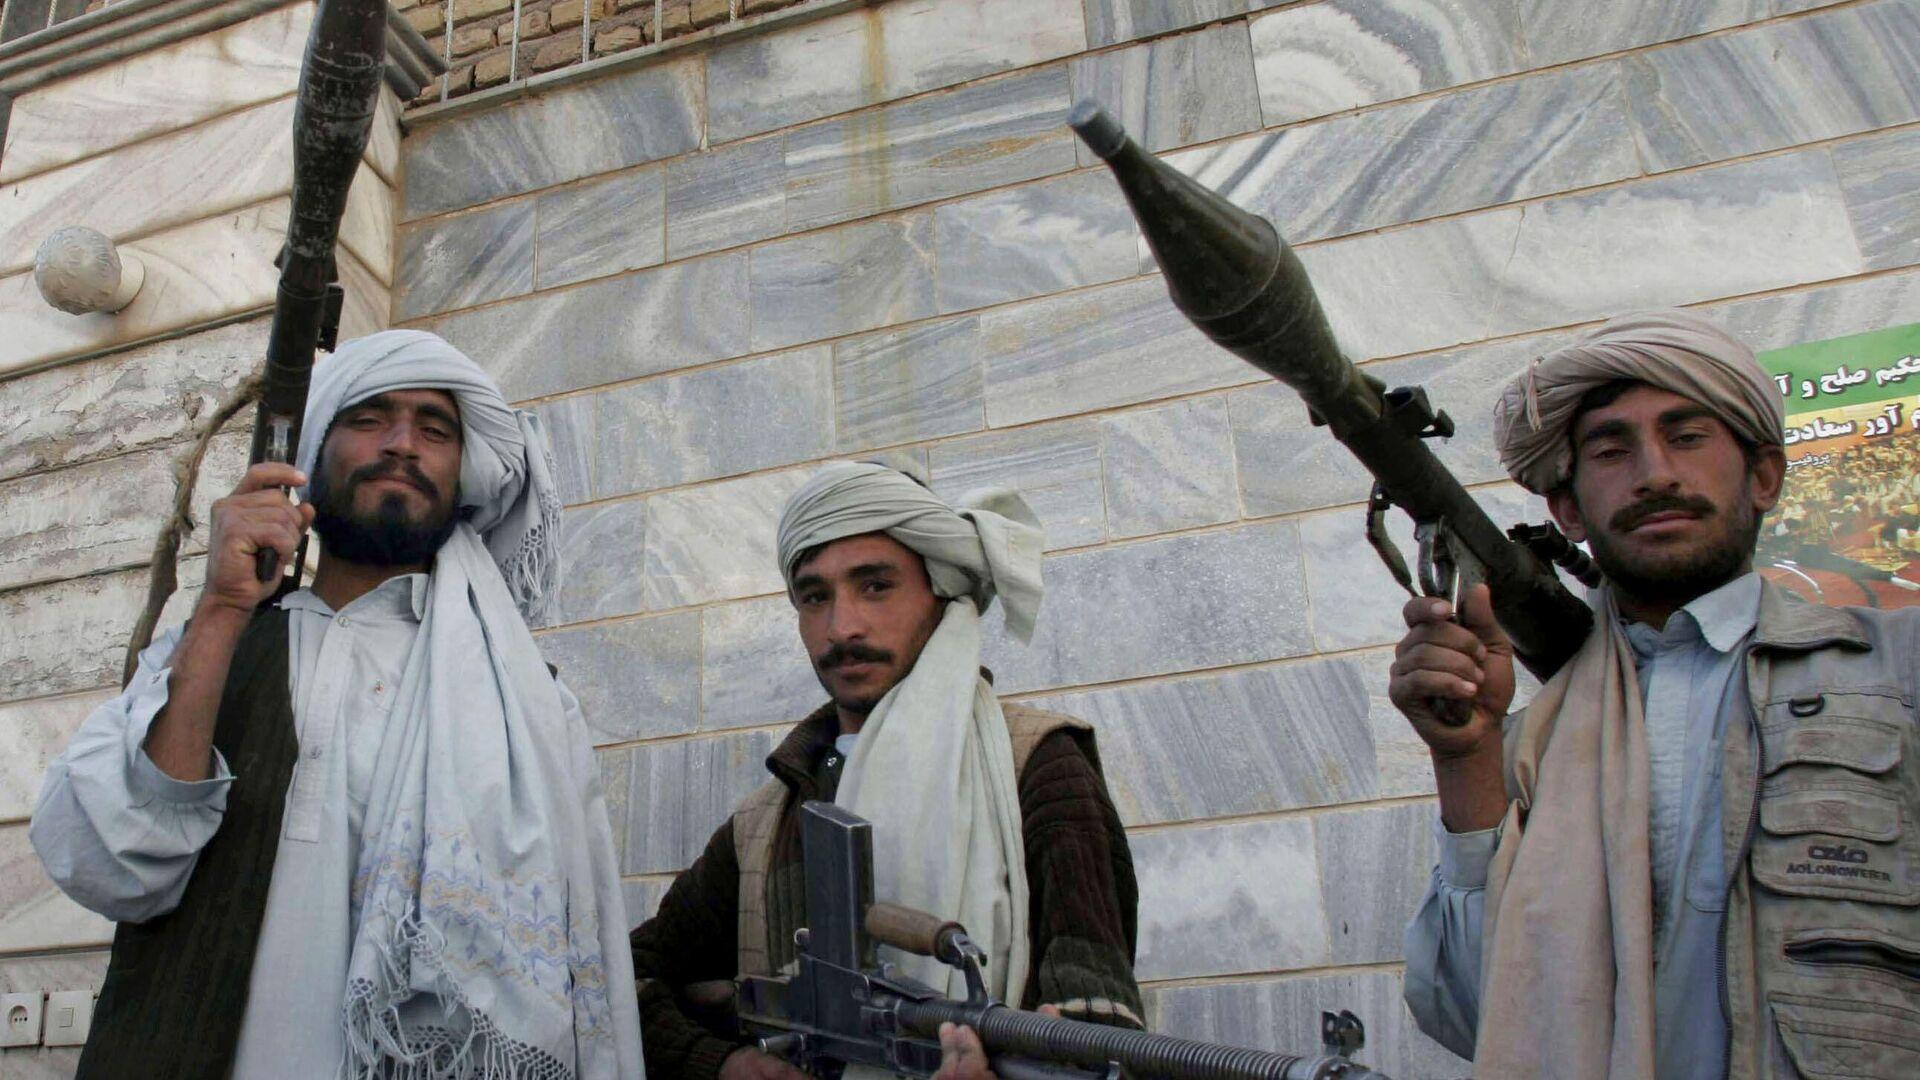 Боевики радикального движения Талибан в Афганистане  - Sputnik Латвия, 1920, 08.07.2021